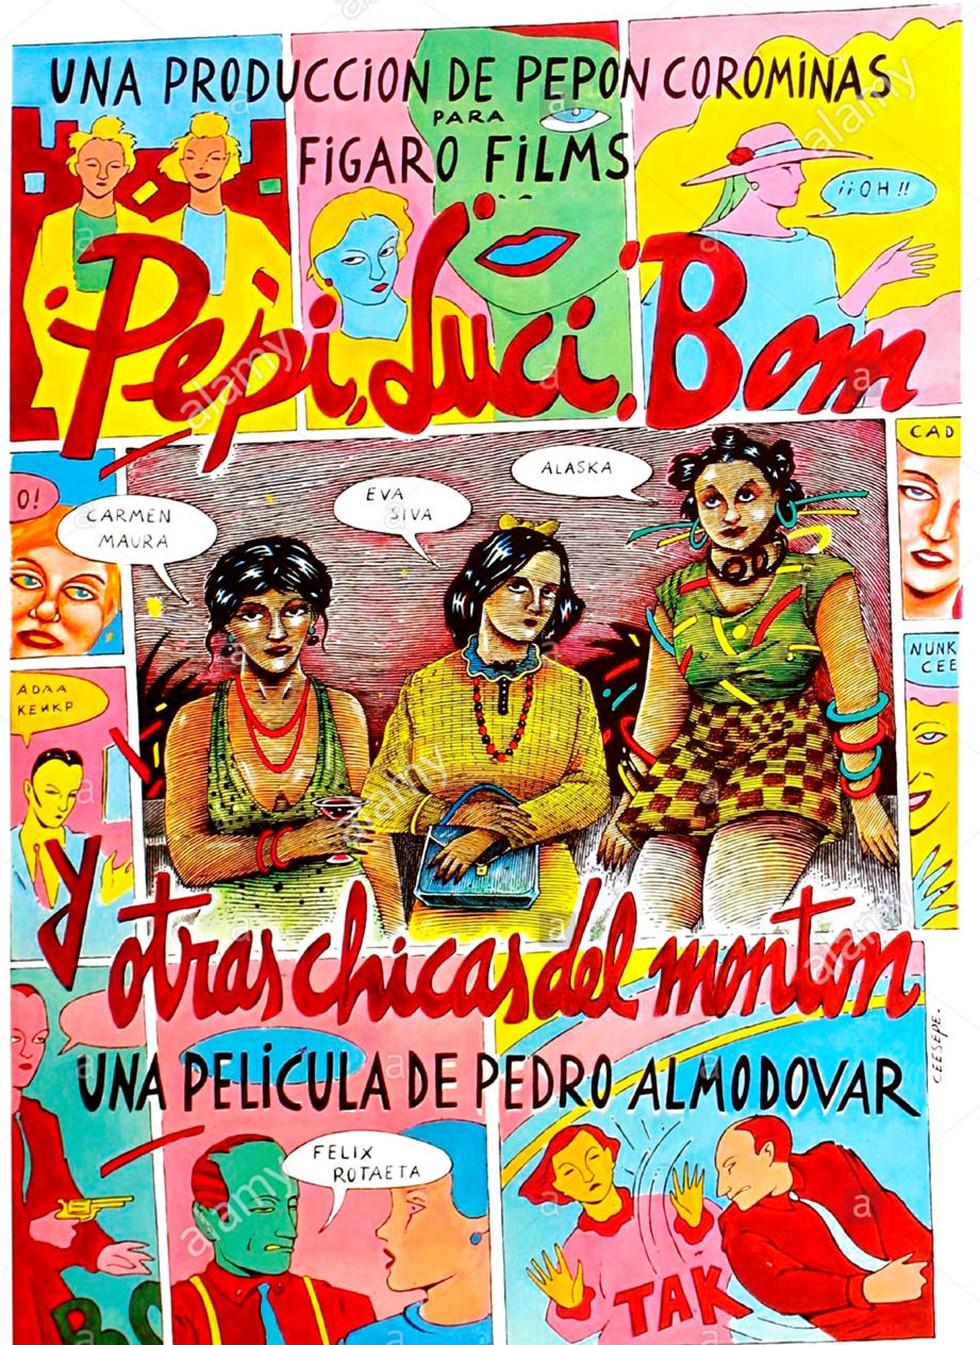 Cartel de Ceesepe para el filme de Pedro Almodóvar, Pepi, Luci, Bom y otras cgicas del montón